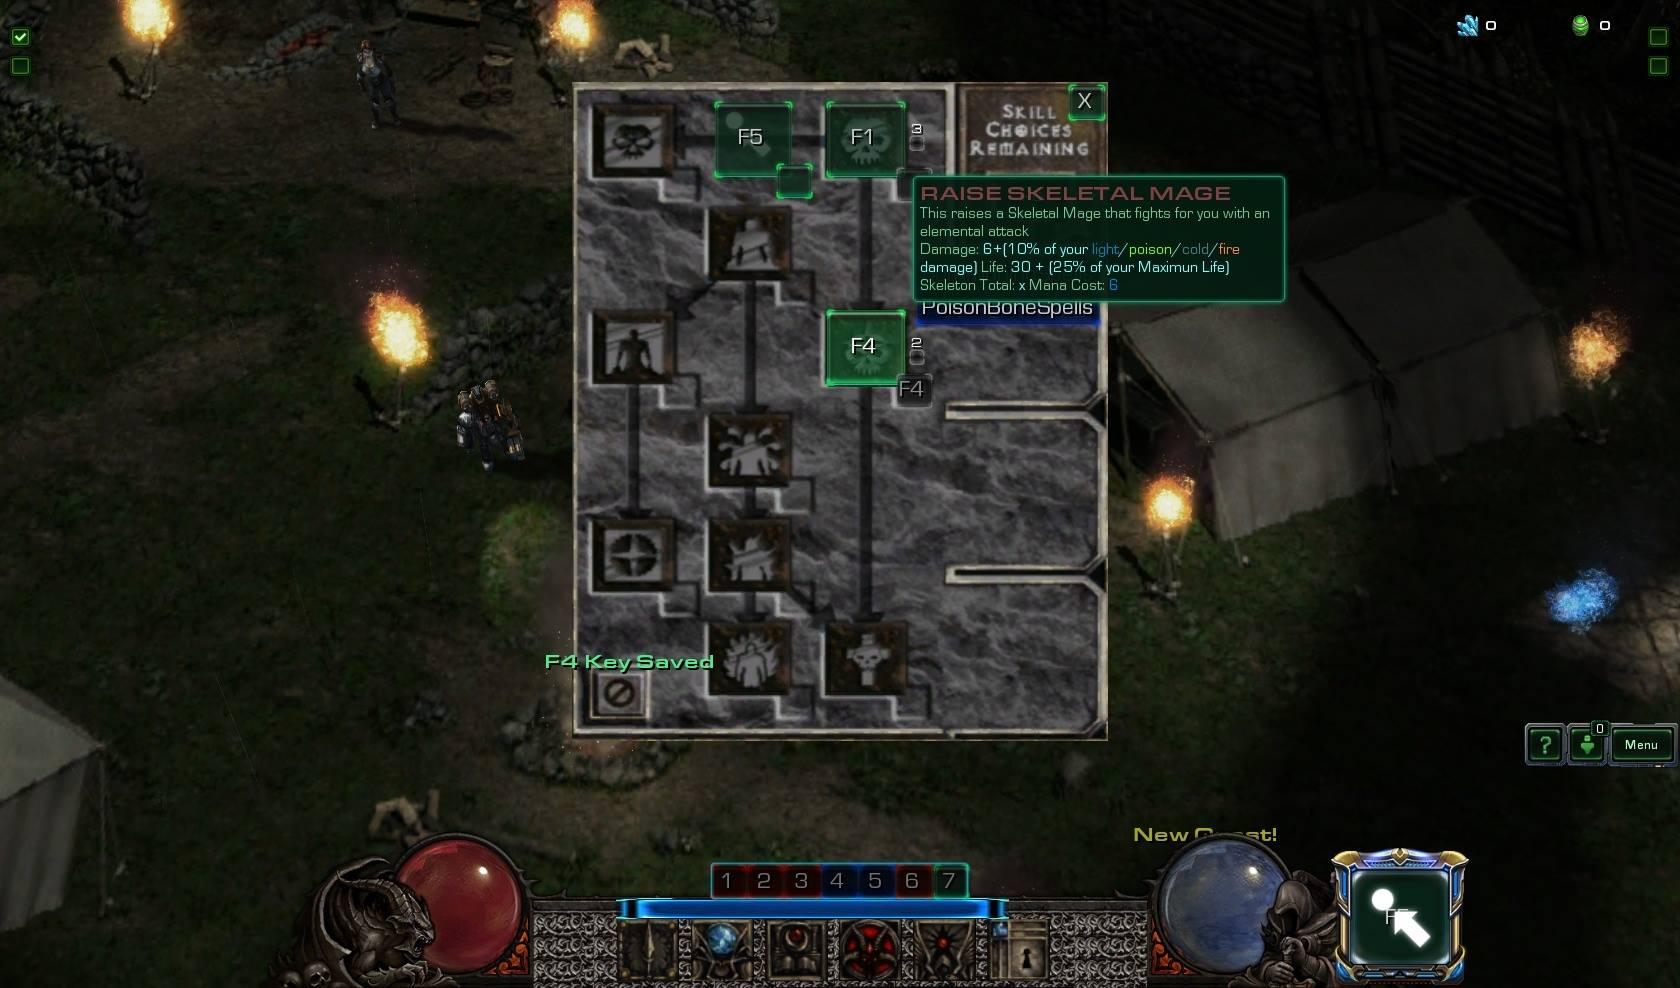 Mod de StarCraft 2 recria o universo de Diablo 2 em HD